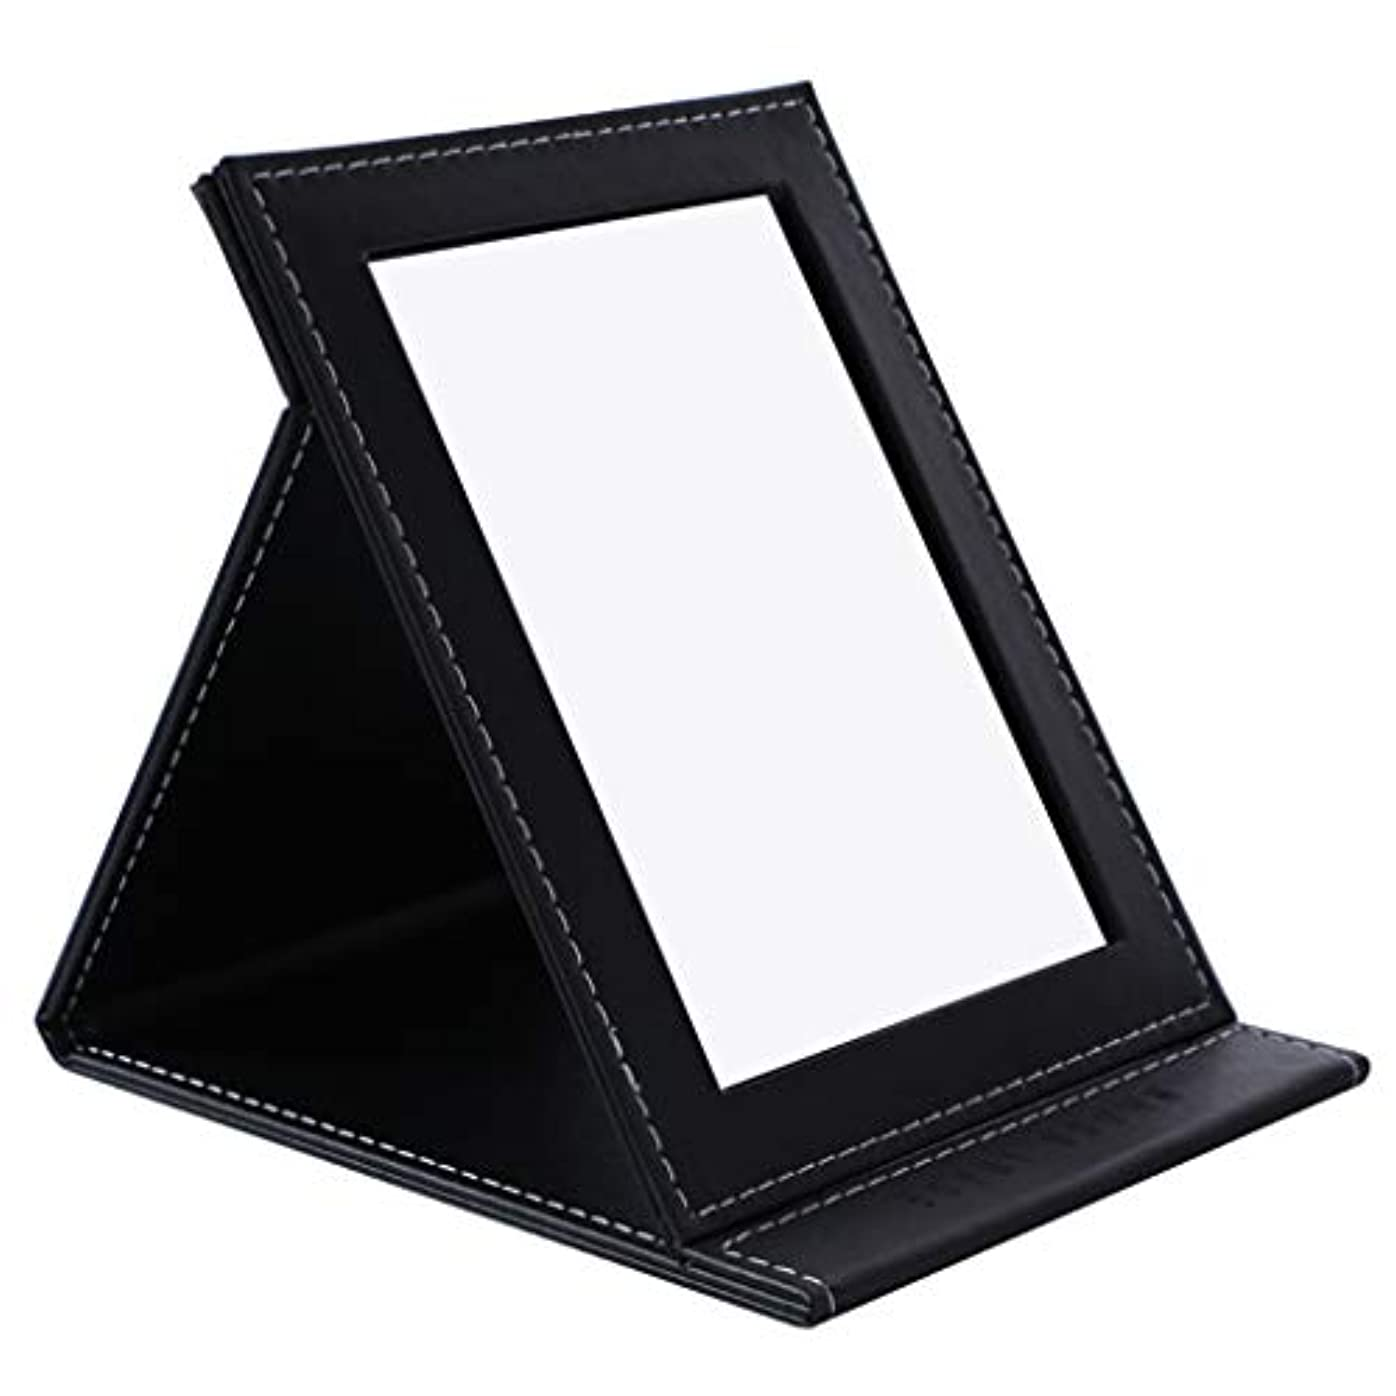 うなずく王女ルーデスクトップの虚栄心ミラーHD折りたたみミラー卓上化粧鏡ポータブル用女の子学生女性,黒